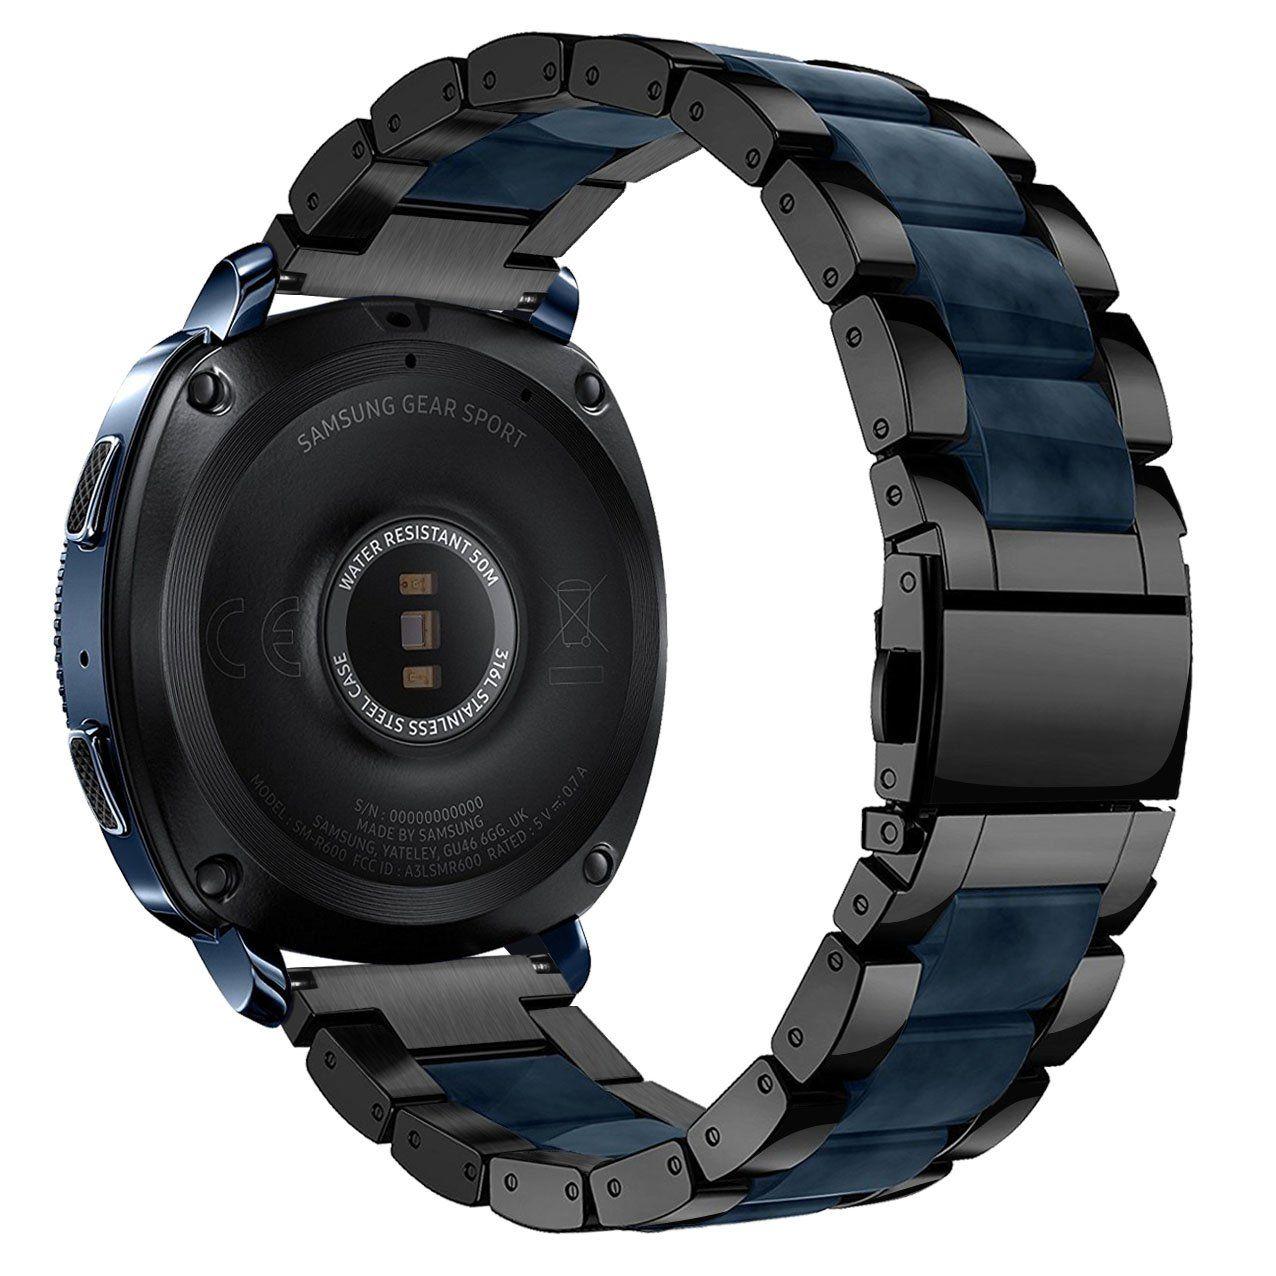 Gear Sport Bands VMORO 20MM Luxury Black Stainless Steel